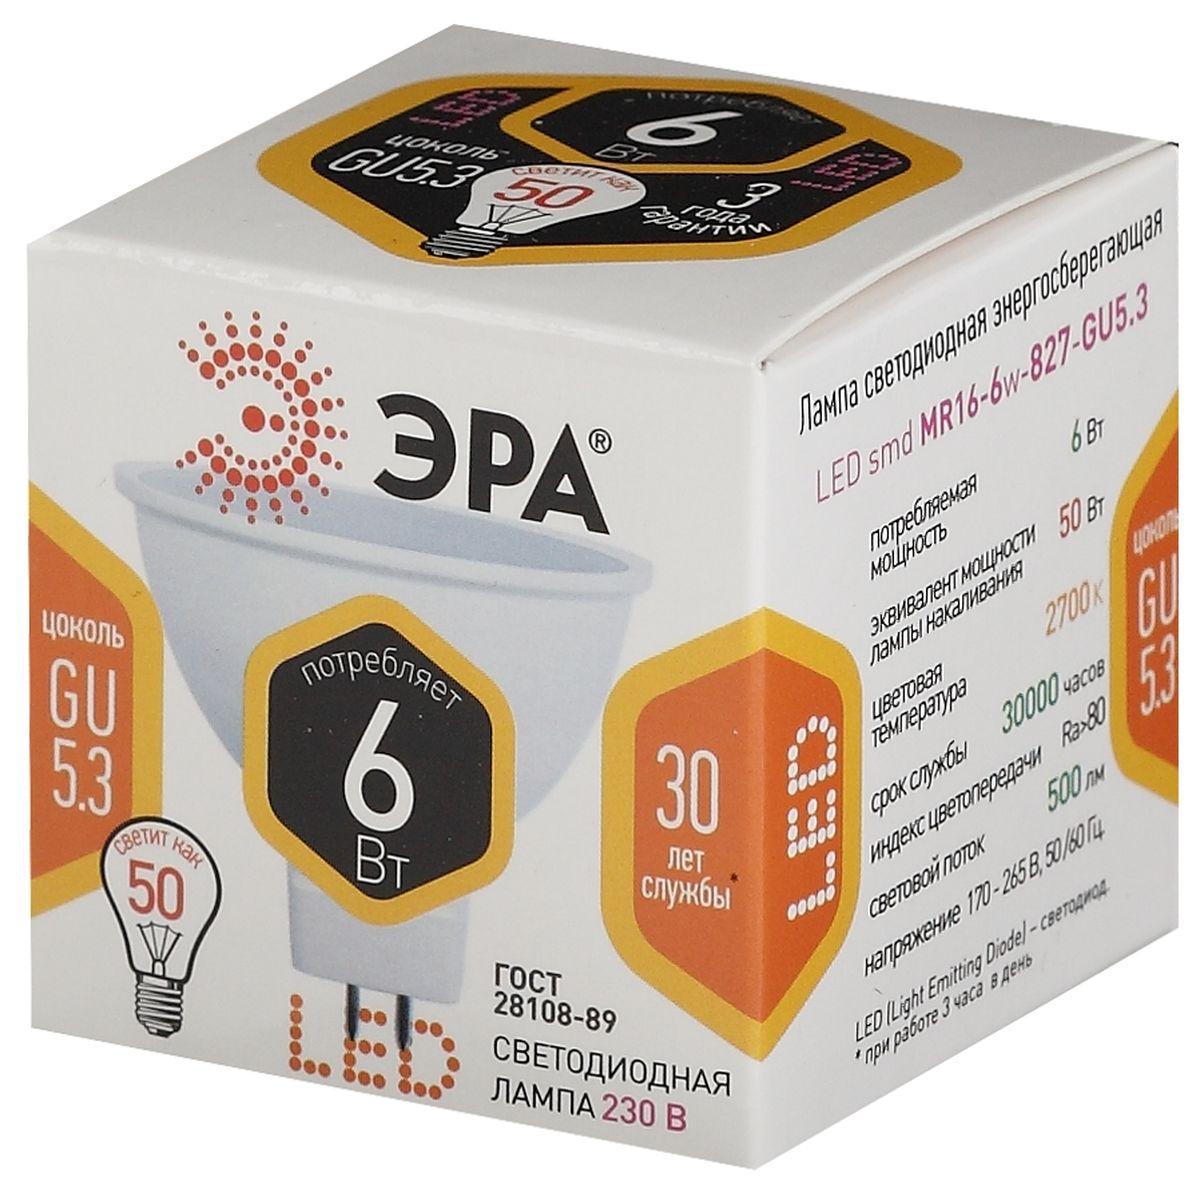 Лампа светодиодная ЭРА, цоколь GU5.3, 170-265V, 6W, 2700К5055945503098Светодиодная лампа ЭРА является самым перспективным источником света. Основным преимуществом данного источника света является длительный срок службы и очень низкое энергопотребление, так, например, по сравнению с обычной лампой накаливания светодиодная лампа служит в среднем в 50 раз дольше и потребляет в 10-15 раз меньше электроэнергии. При этом светодиодная лампа практически не подвержена механическому воздействию из-за прочной конструкции и позволяет получить любой цвет светового потока, что, несомненно, расширяет возможности применения и позволяет создавать новые решения в области освещения. Особенности серии MR16: Лампочки лучшие в соотношении цена-качество Представлена широкая линейка, наличие всех типов цоколей ламп бытового сегмента Световая отдача - 90-100 лм/Вт Гарантия - 2 года Совместимы с выключателями с подсветкой.